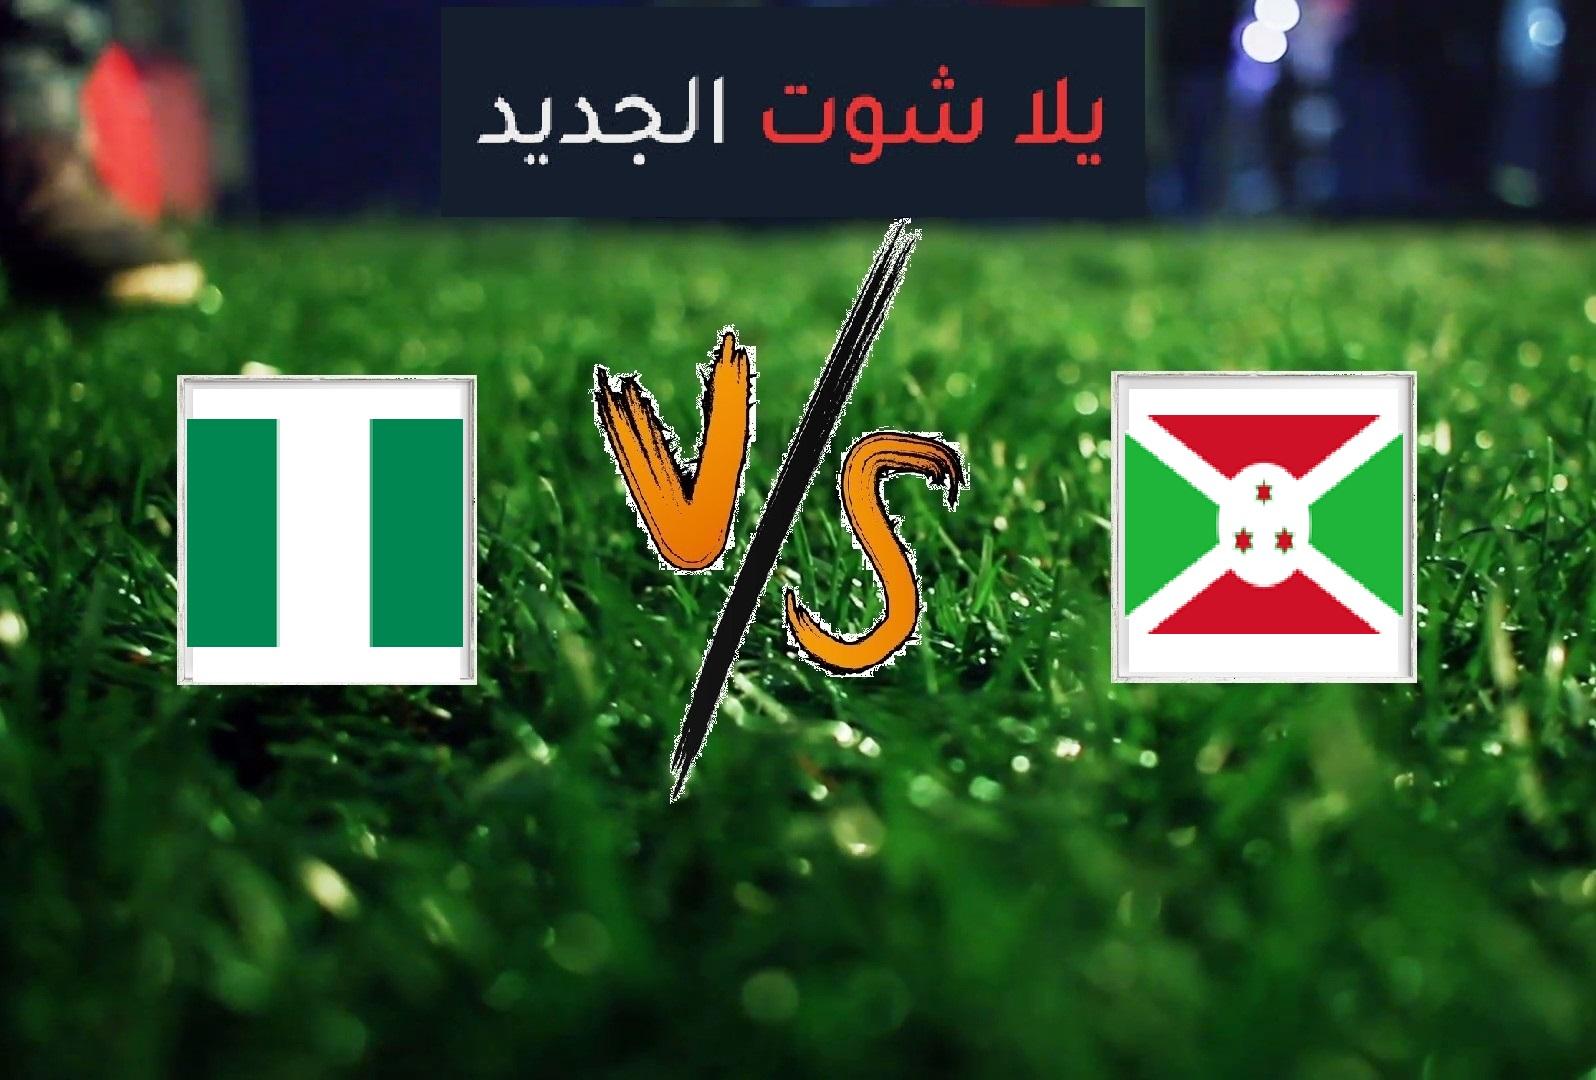 نتيجة مباراة نيجيريا وبوروندي بتاريخ 22-06-2019 كأس الأمم الأفريقية